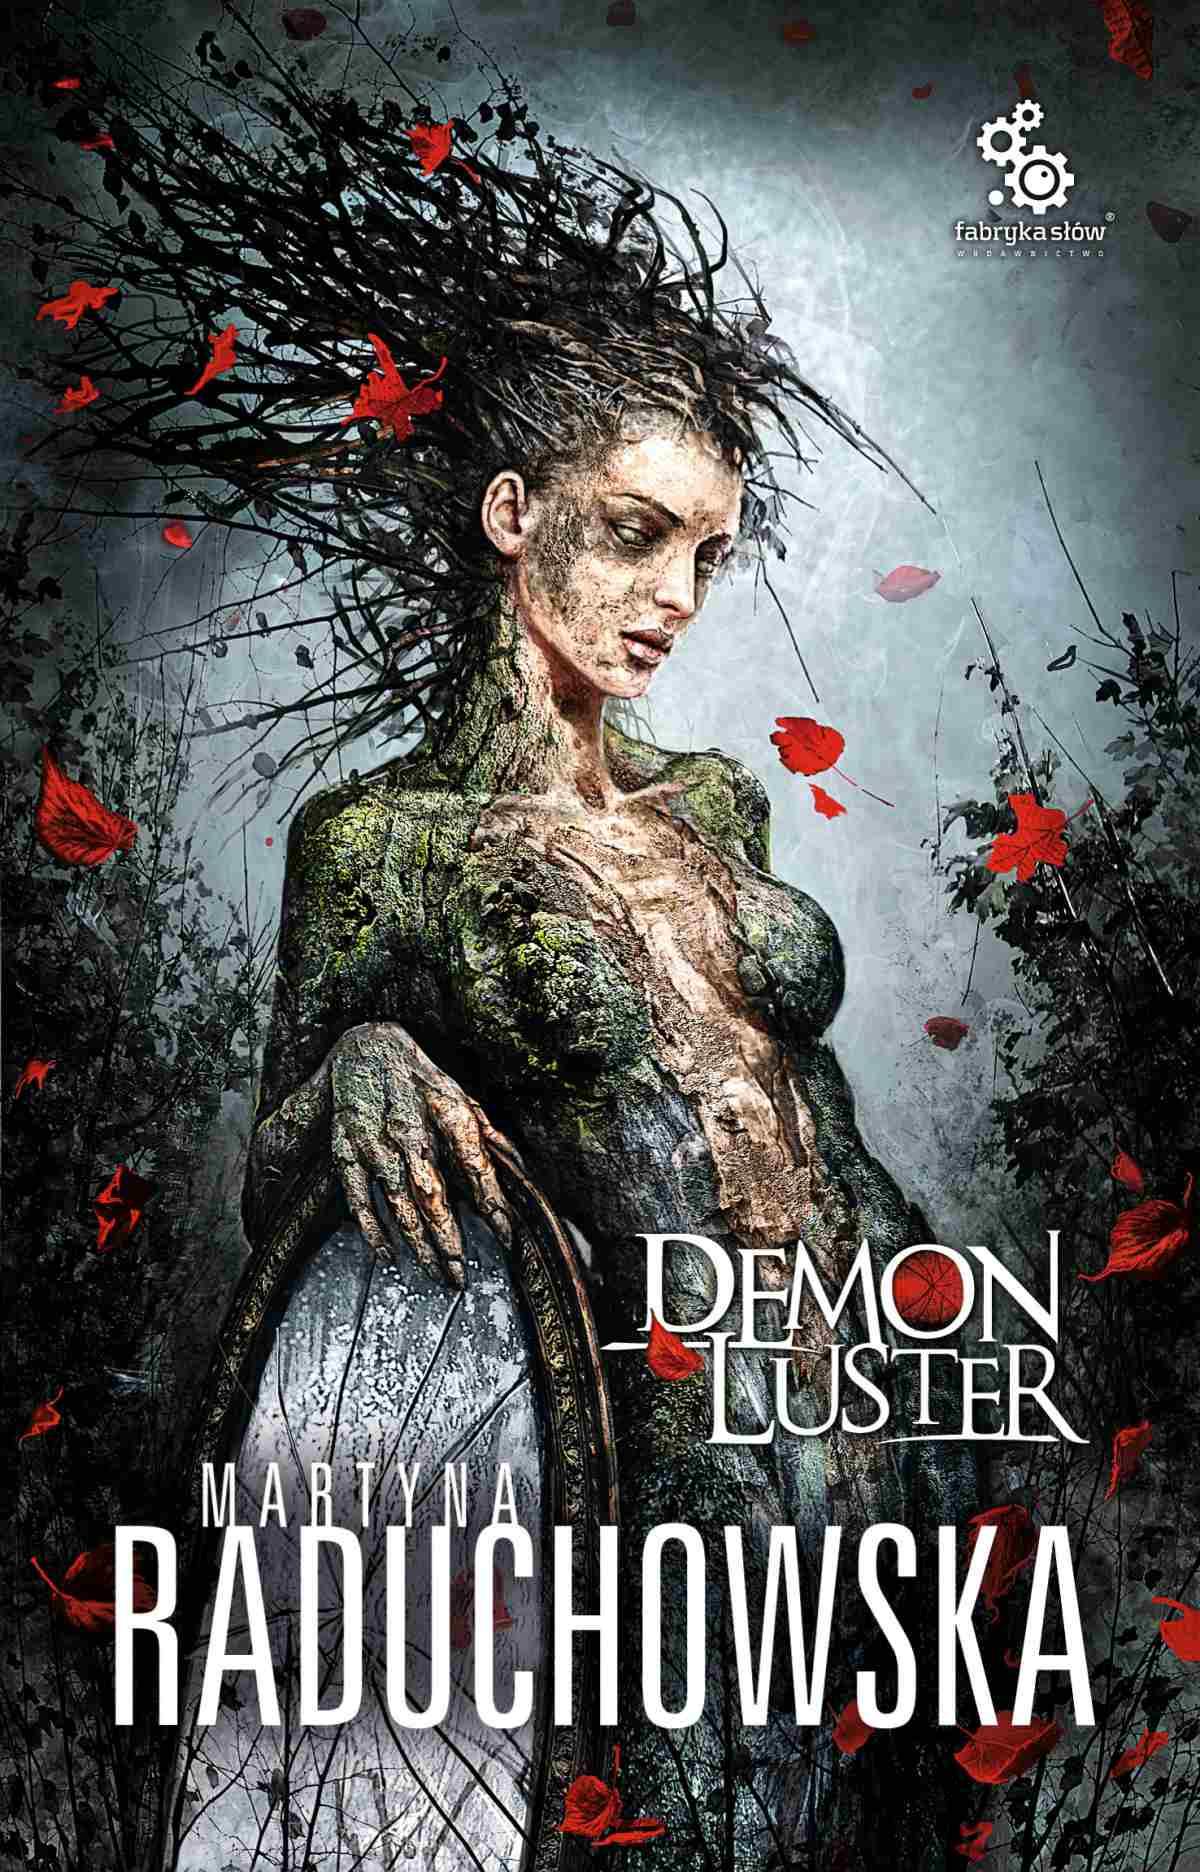 Demon luster - Ebook (Książka EPUB) do pobrania w formacie EPUB